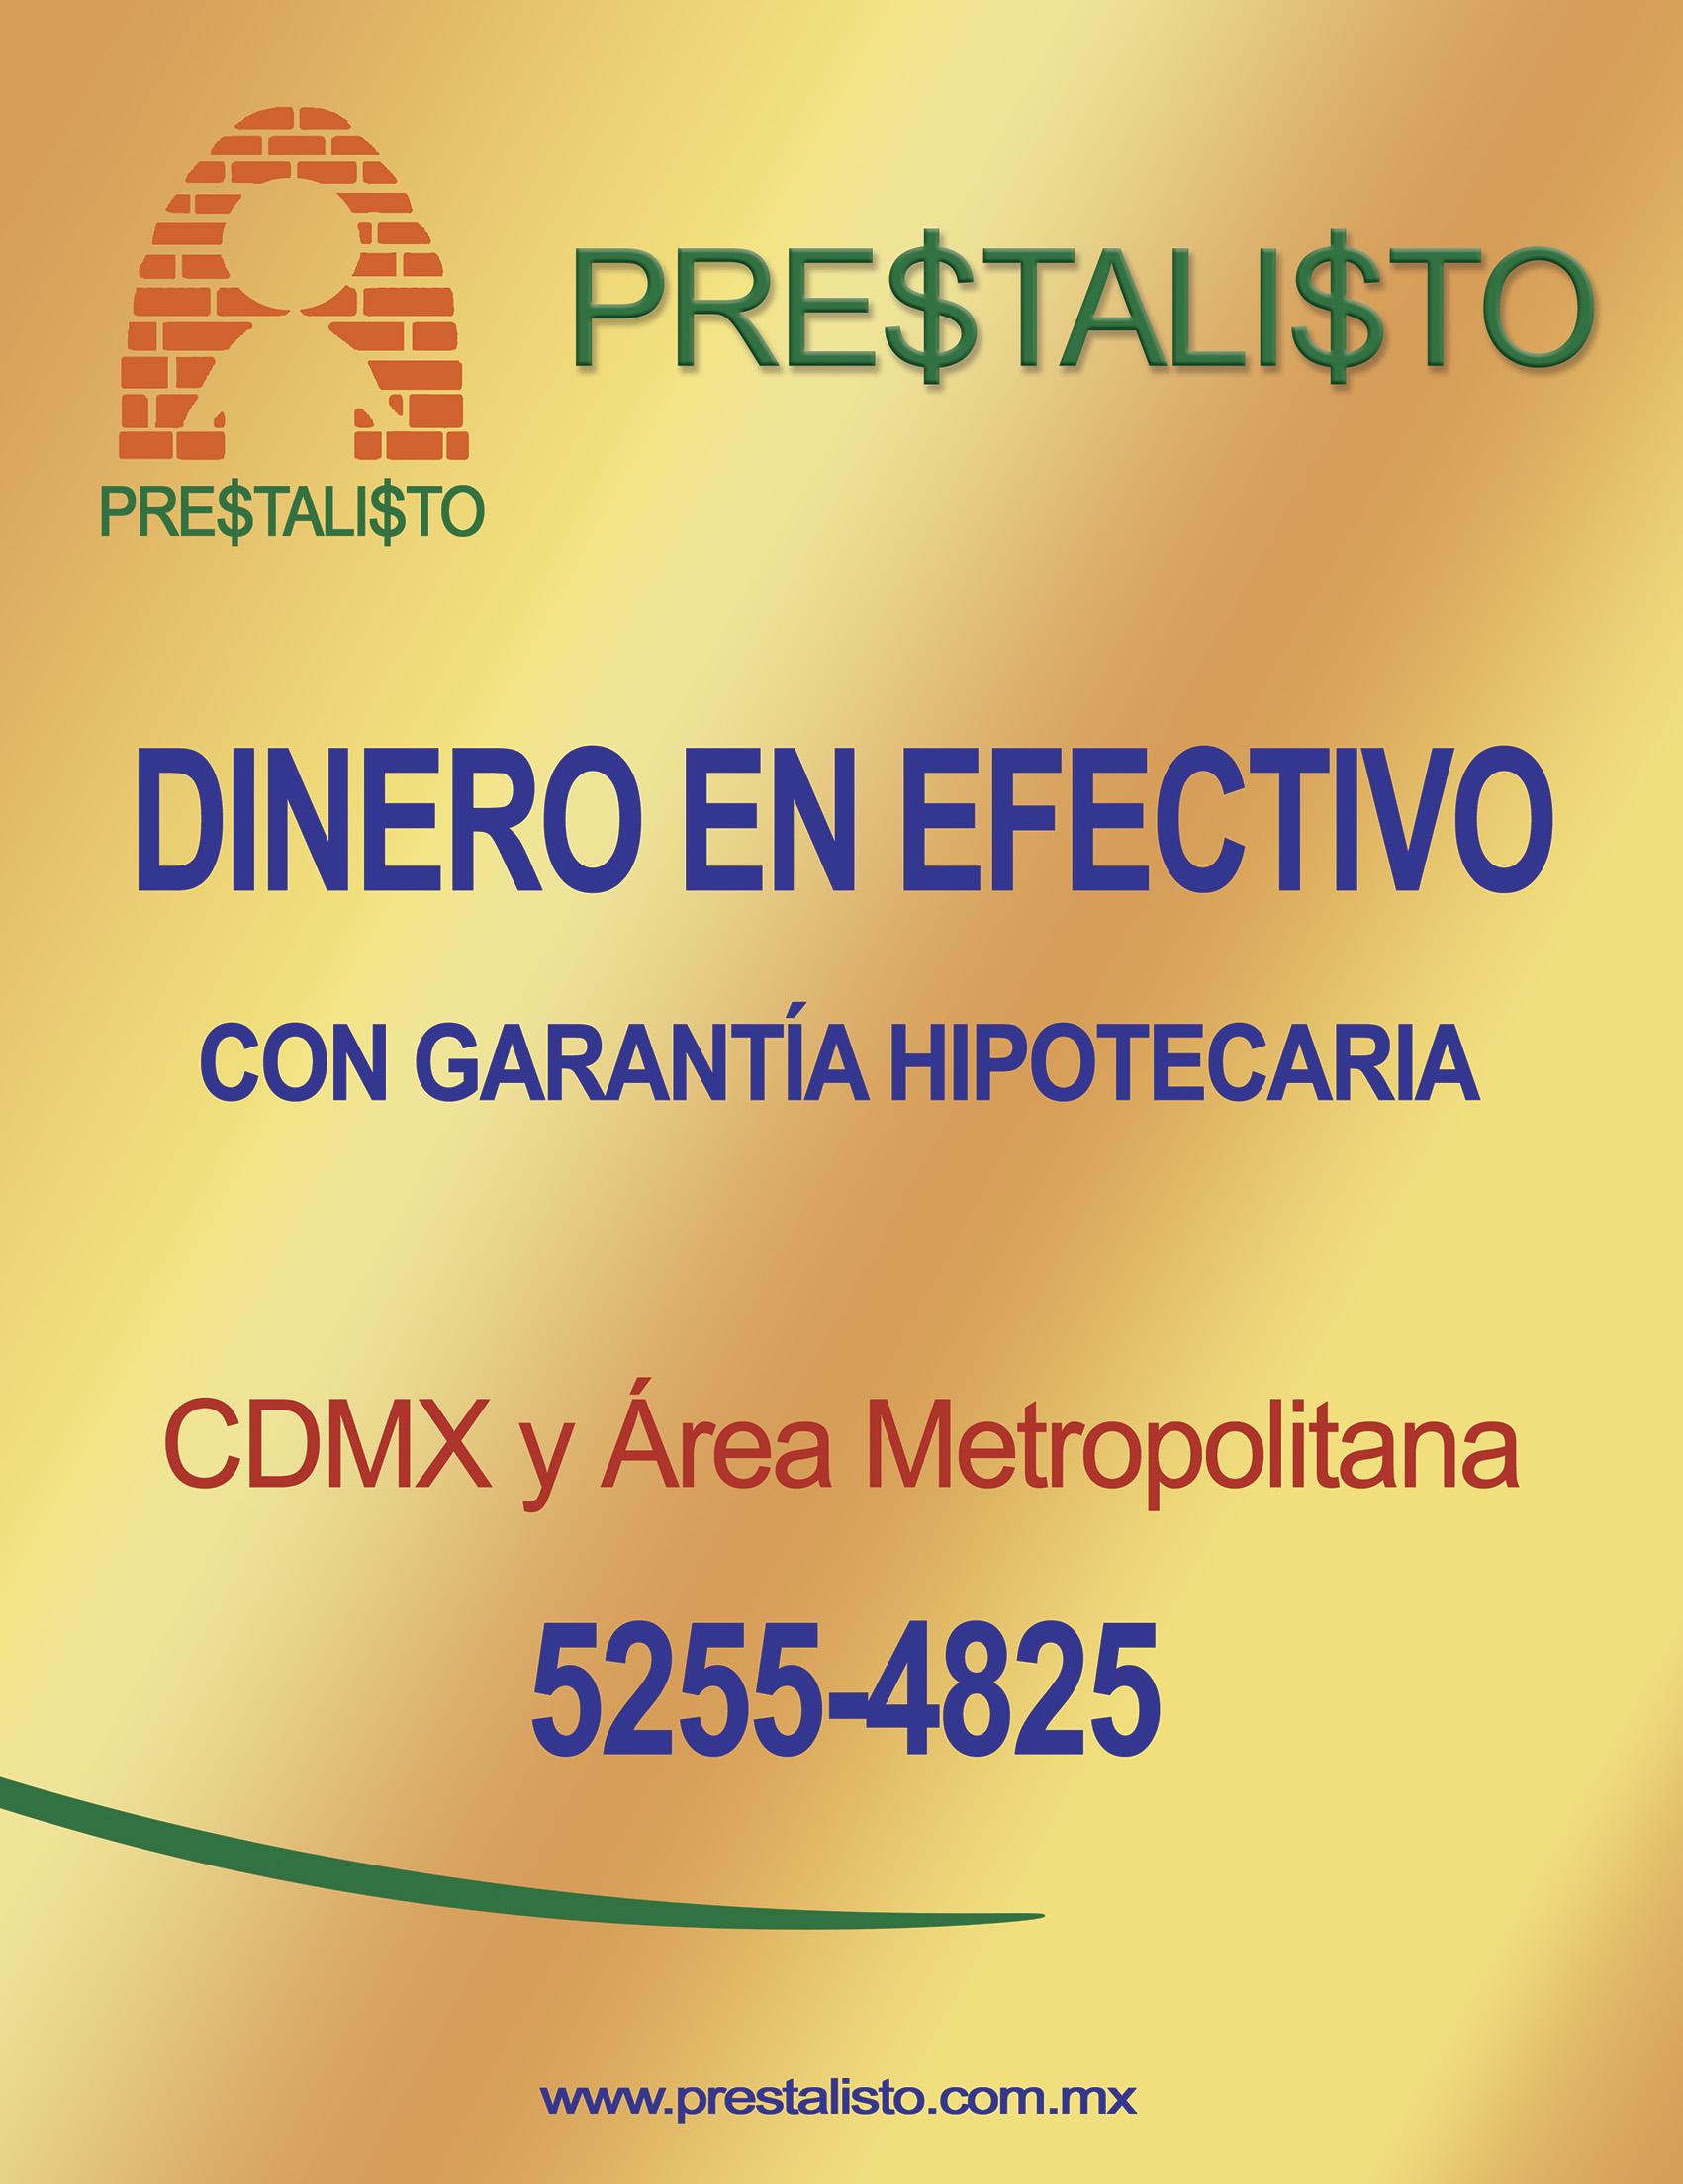 Photo of Prestalisto: Dinero en efectivo con garantía hipotecaria